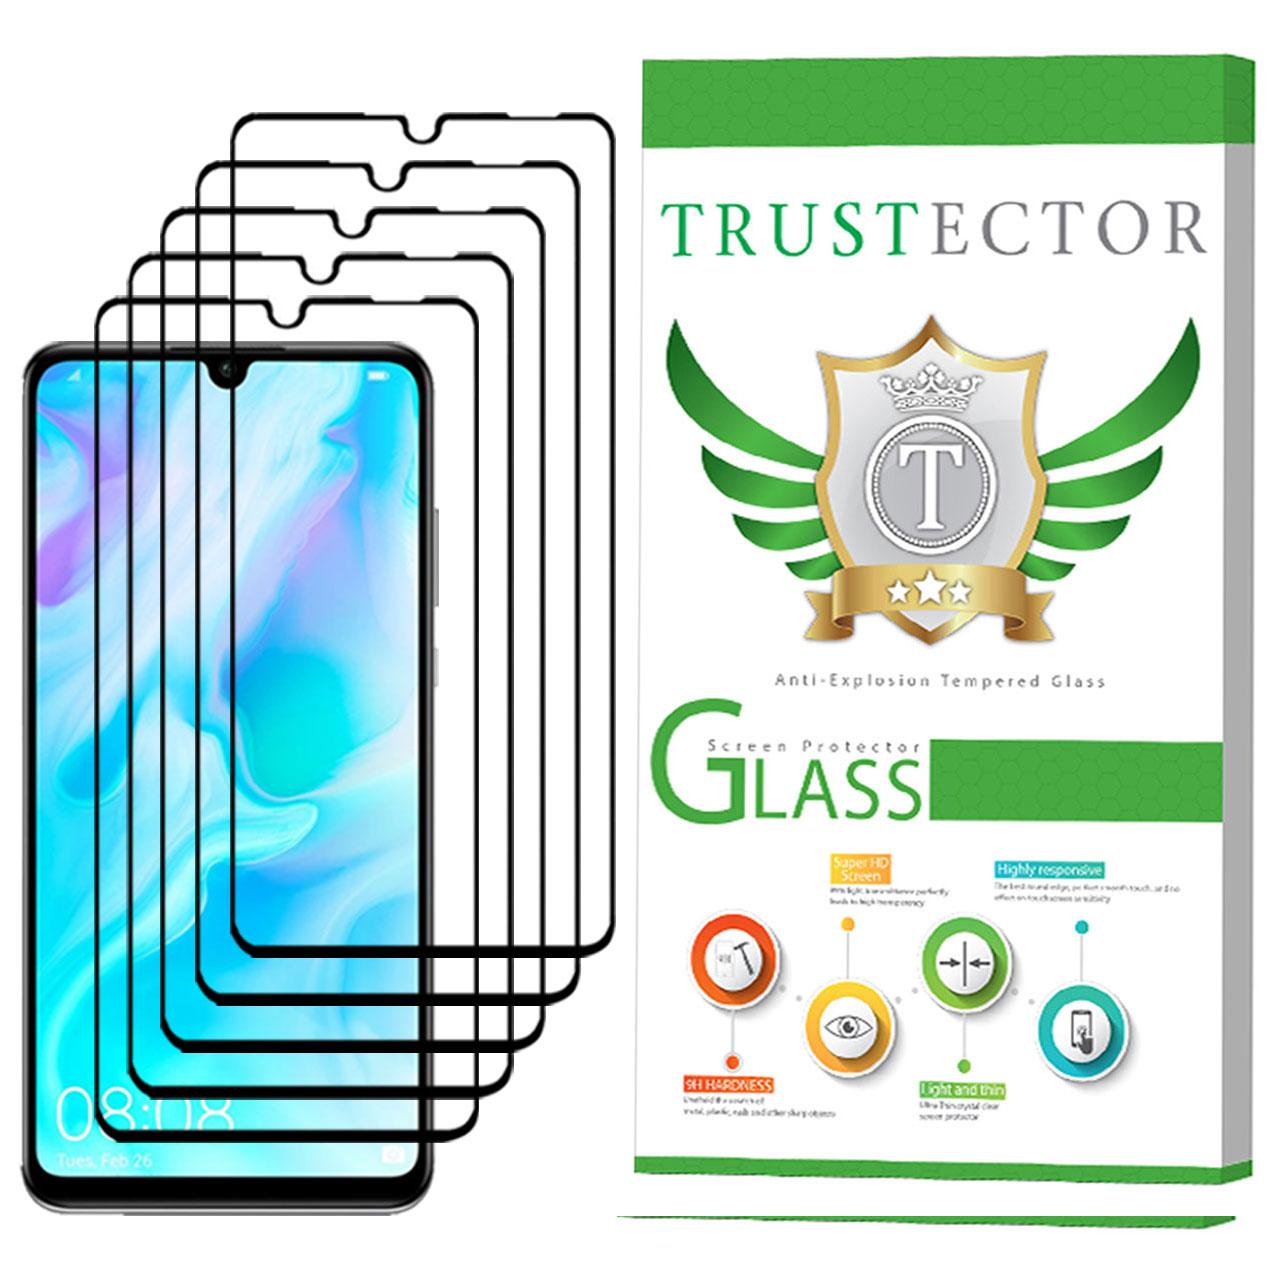 محافظ صفحه نمایش تراستکتور مدل GSS مناسب برای گوشی موبایل هوآوی P30 lite بسته 5 عددی